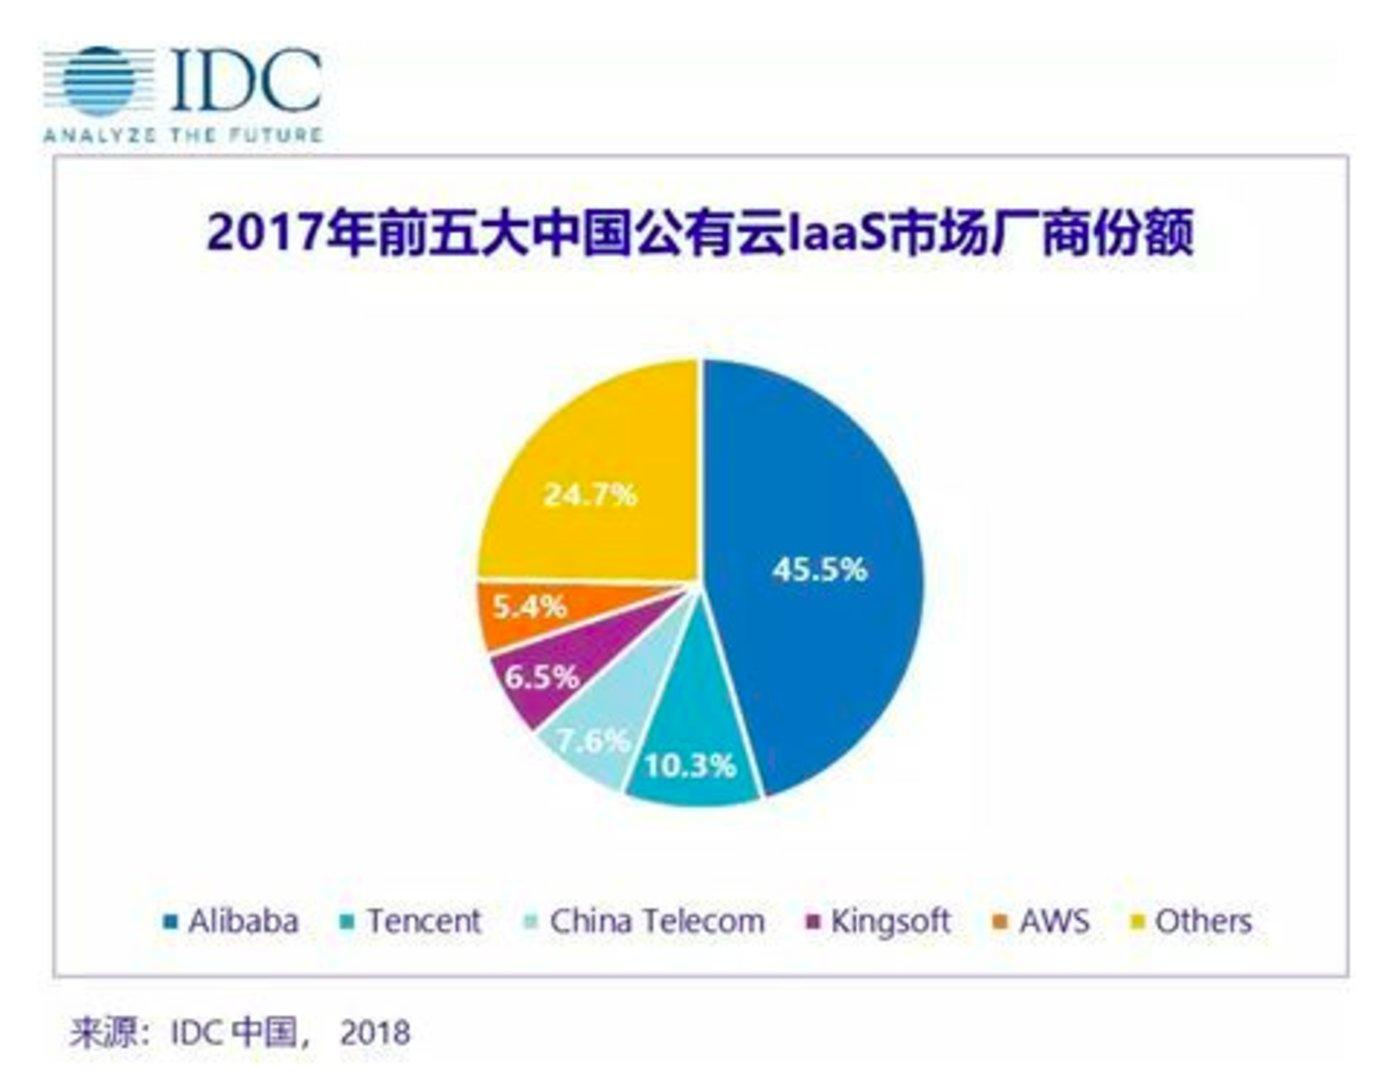 2018年,IDC发布的2017年前五大中国公有云IaaS市场份额报告